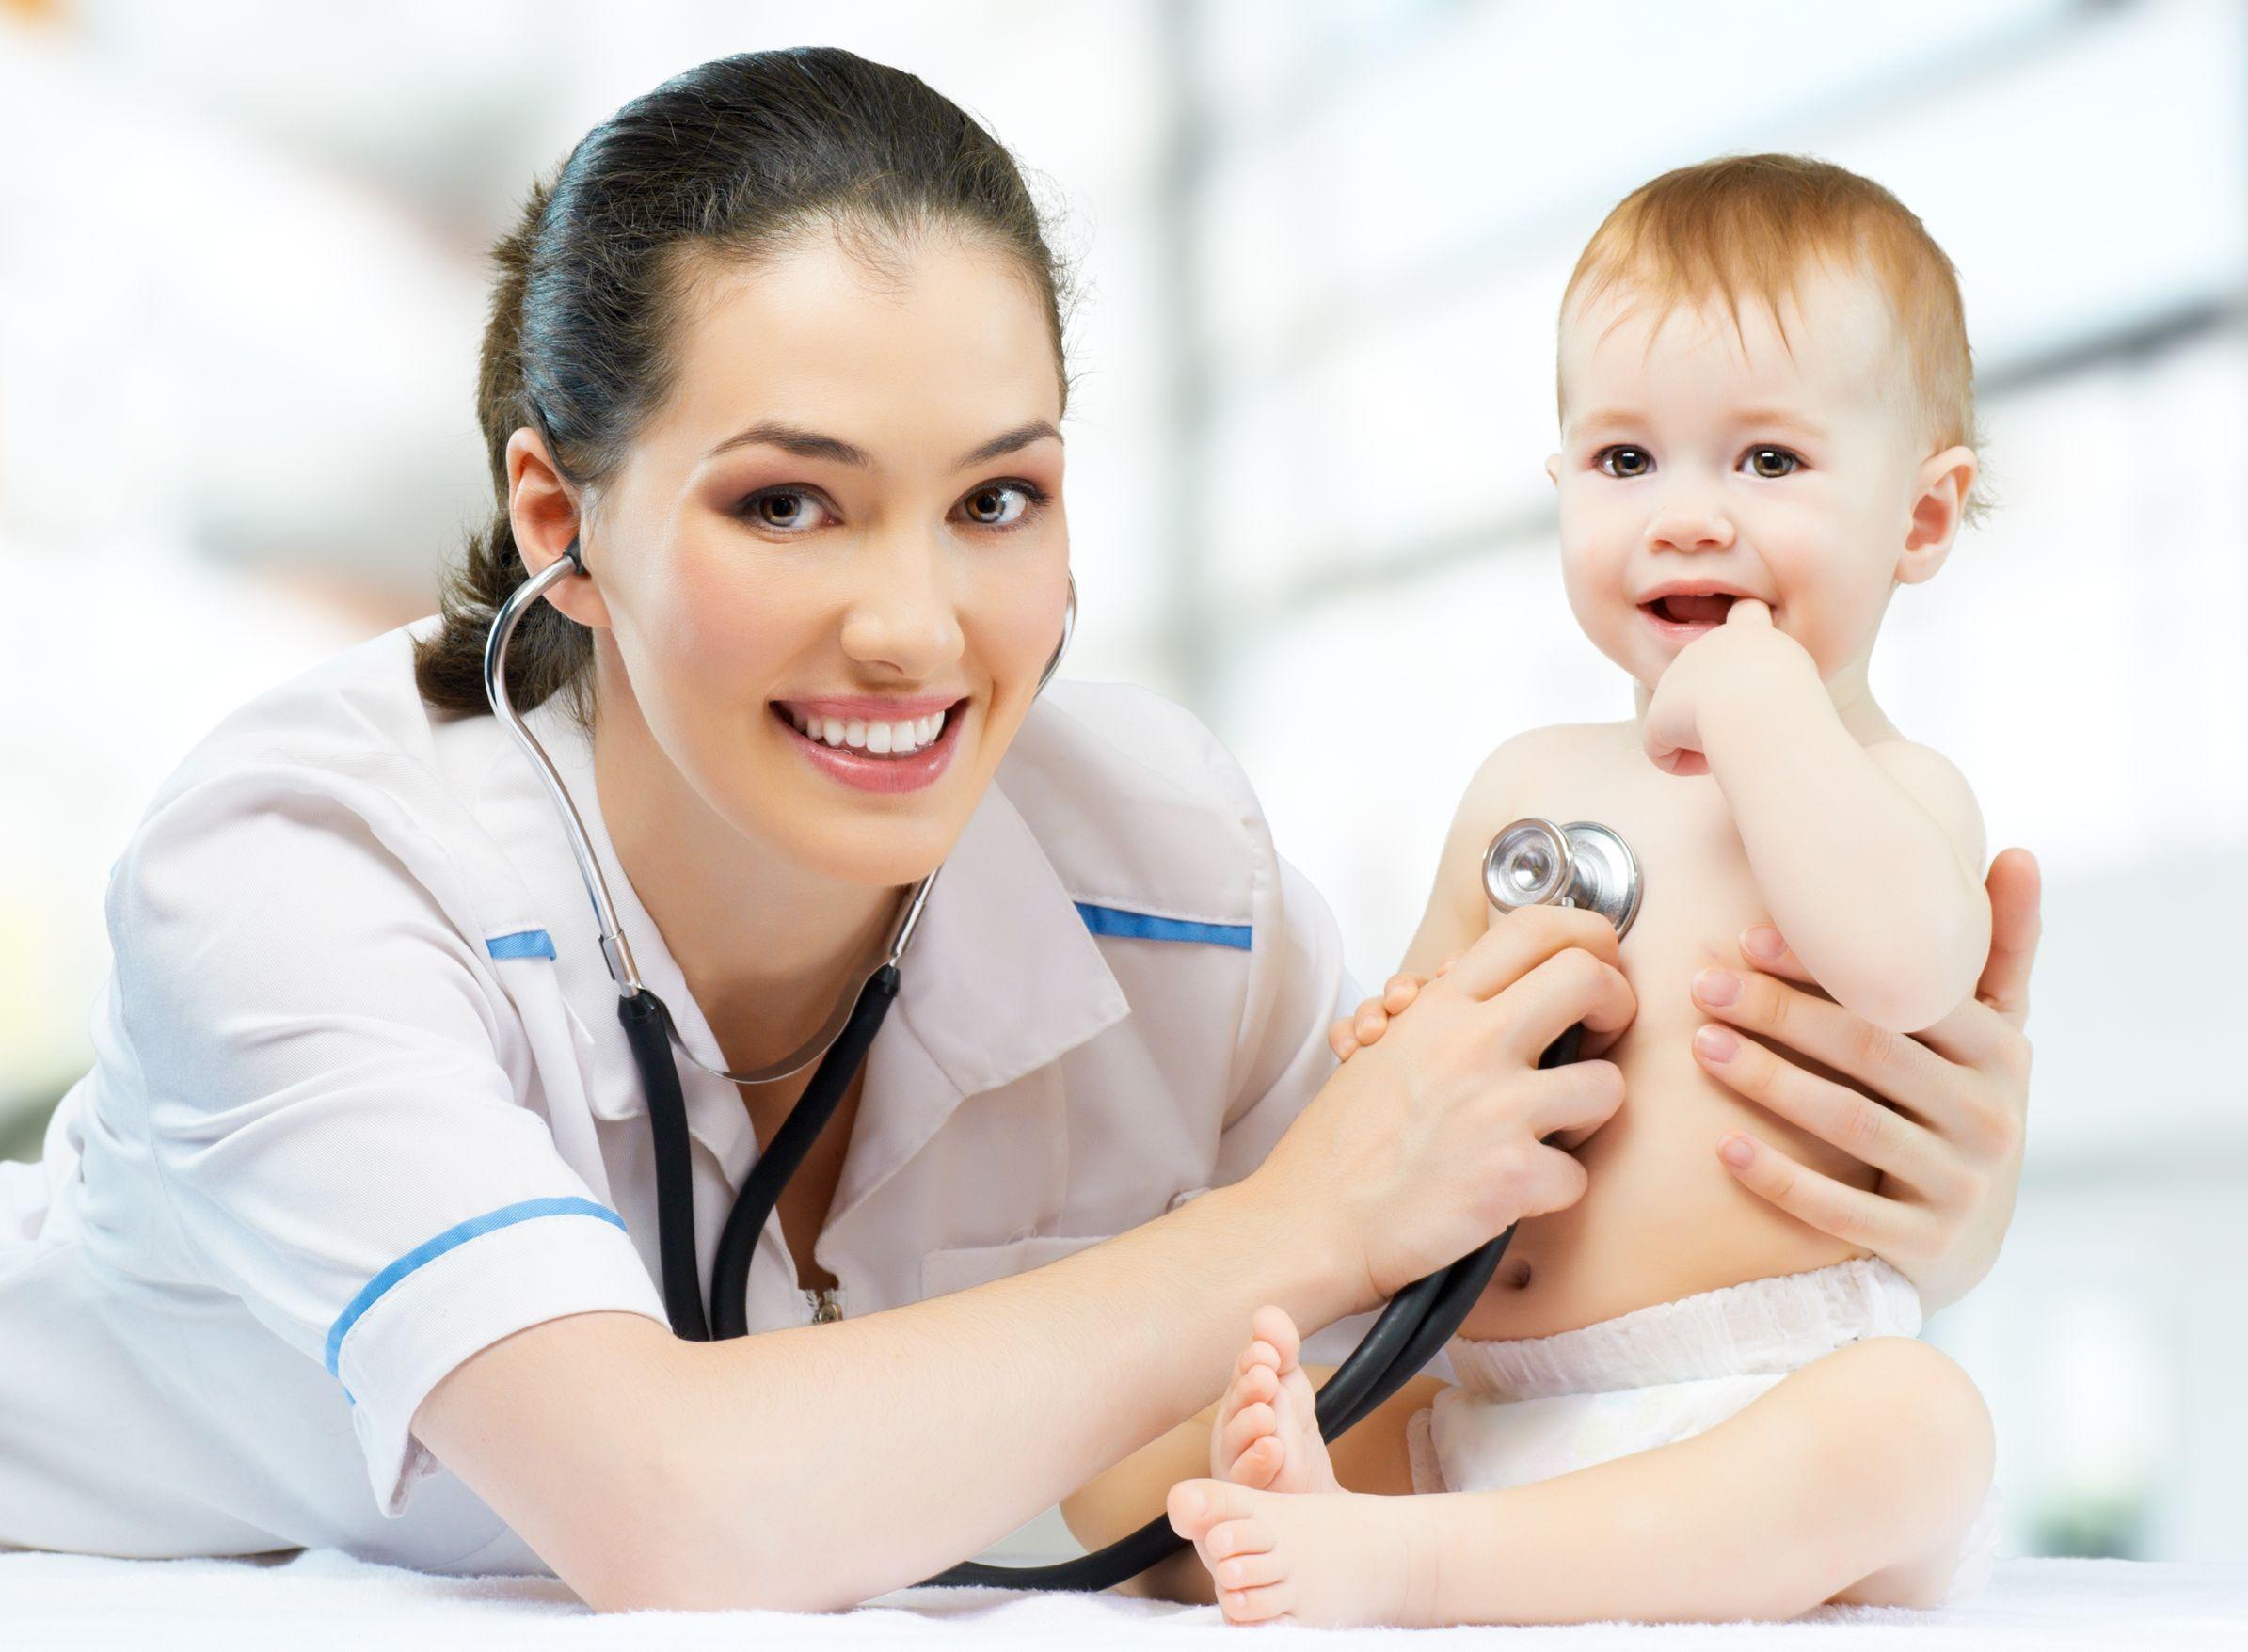 этом затраты фото врачей с детьми заявлении